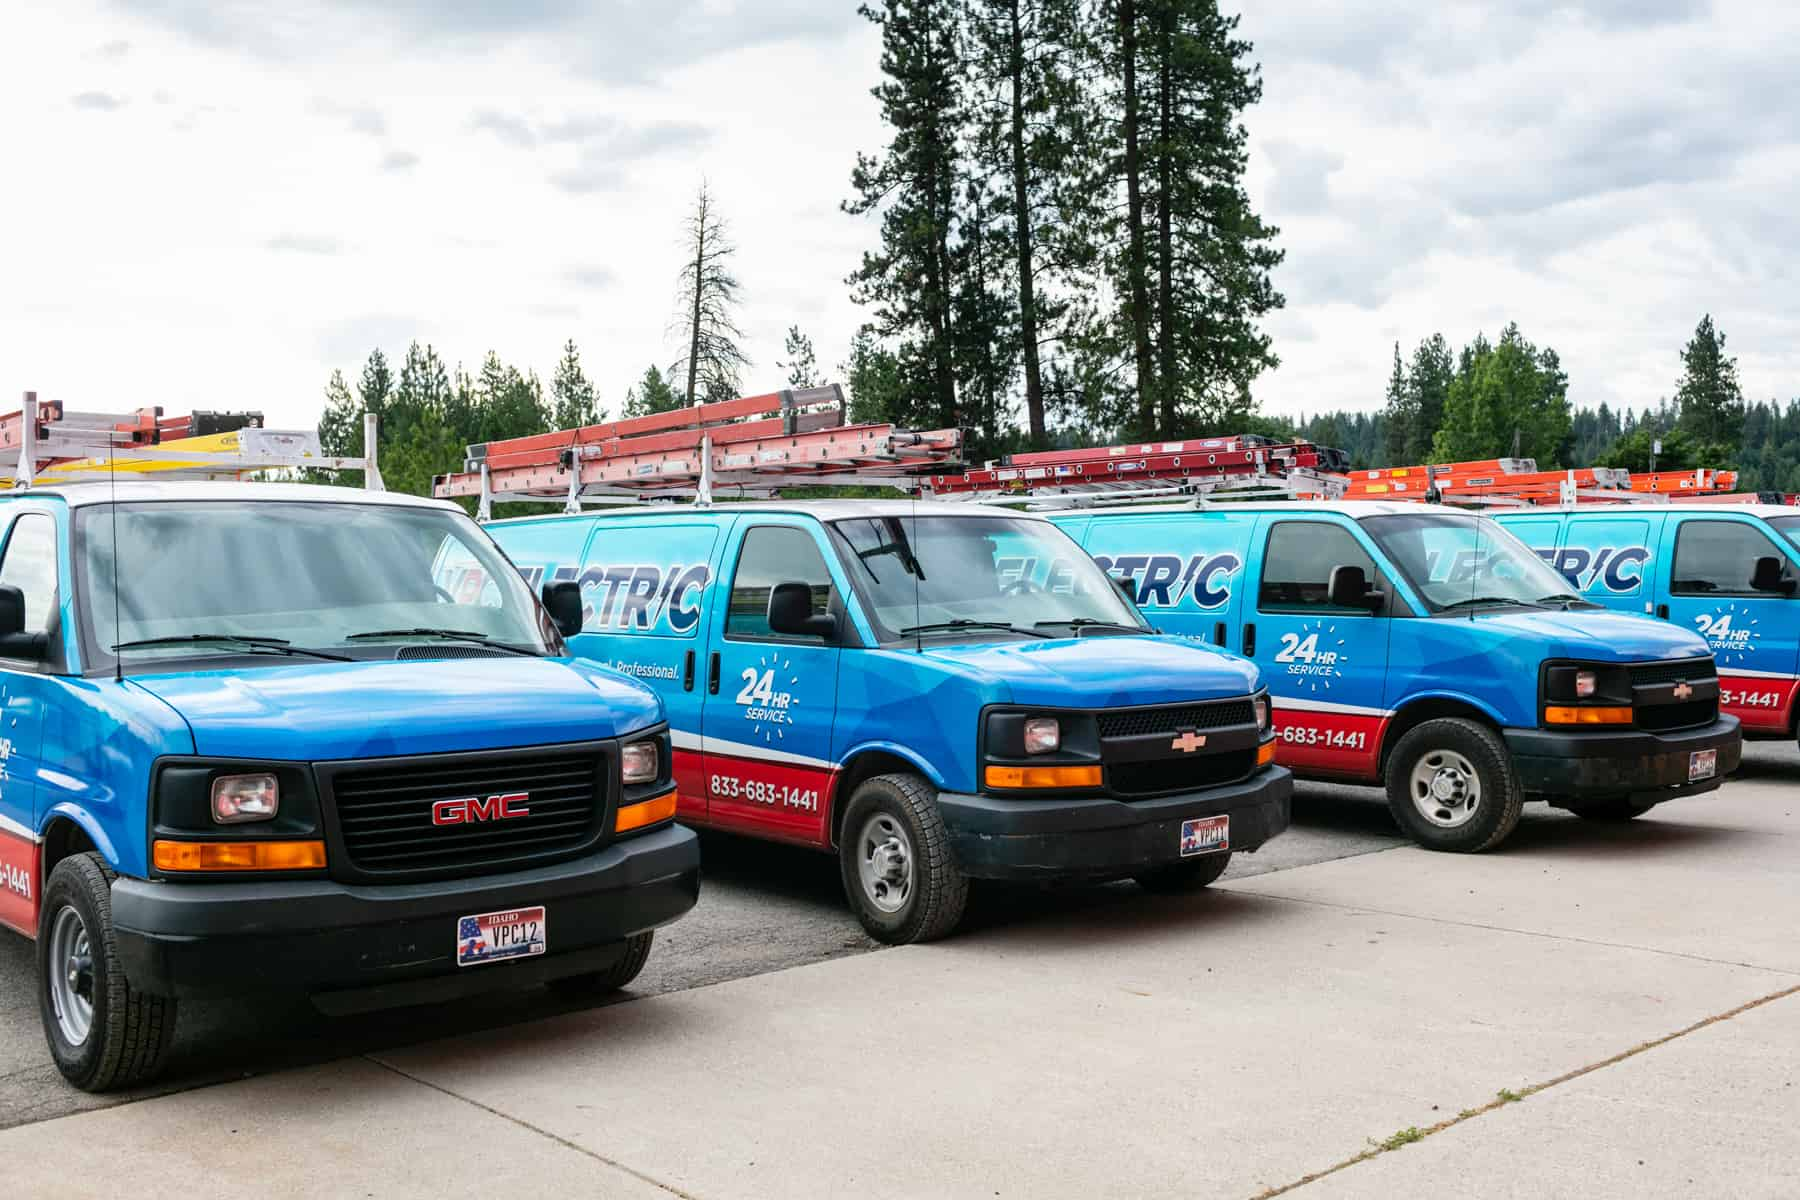 The Fleet of VPC Electric's Service Vans